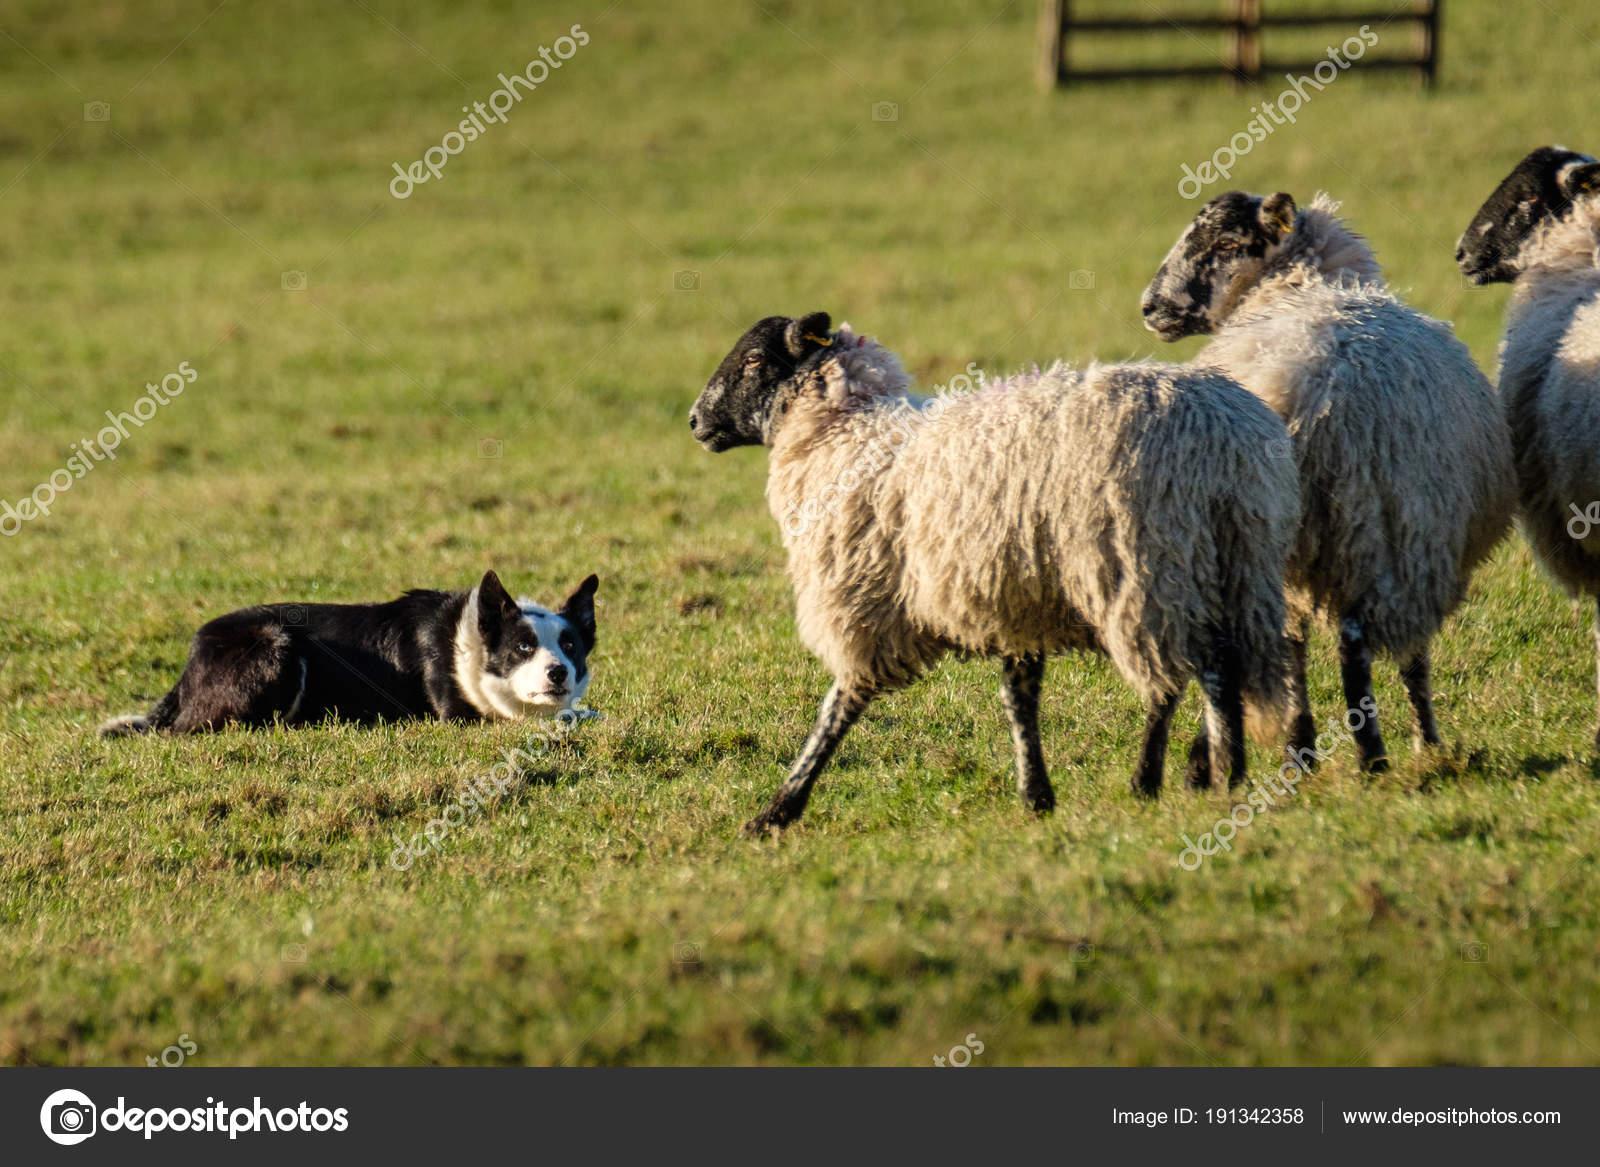 Lavoro Del Border Collie Cane Pastore Sdraiato Guardando Pecore